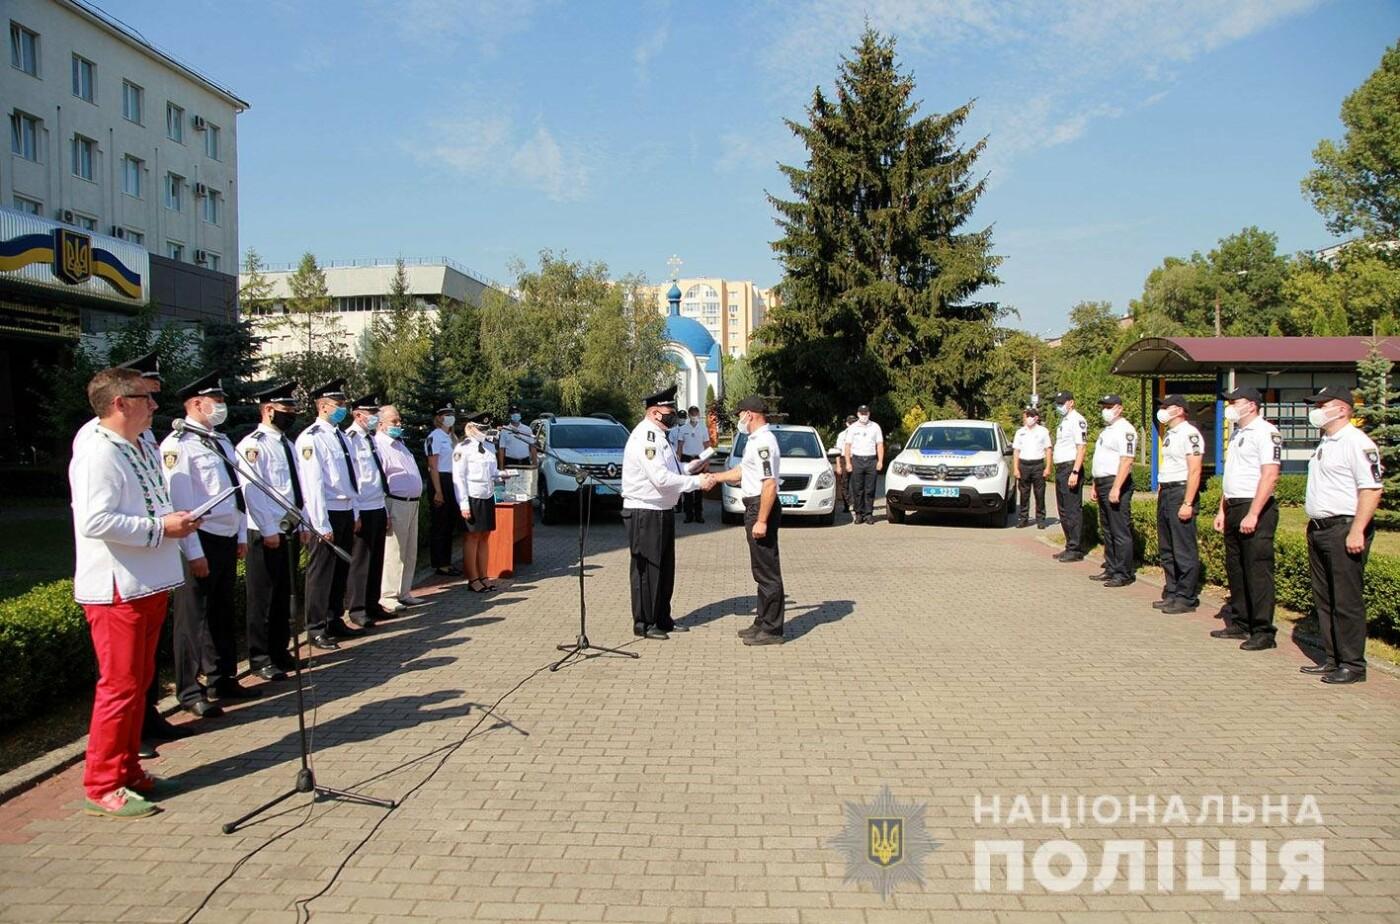 Поліцейські Кам'янець-Подільського району отримали новий службовий автомобіль, фото-5